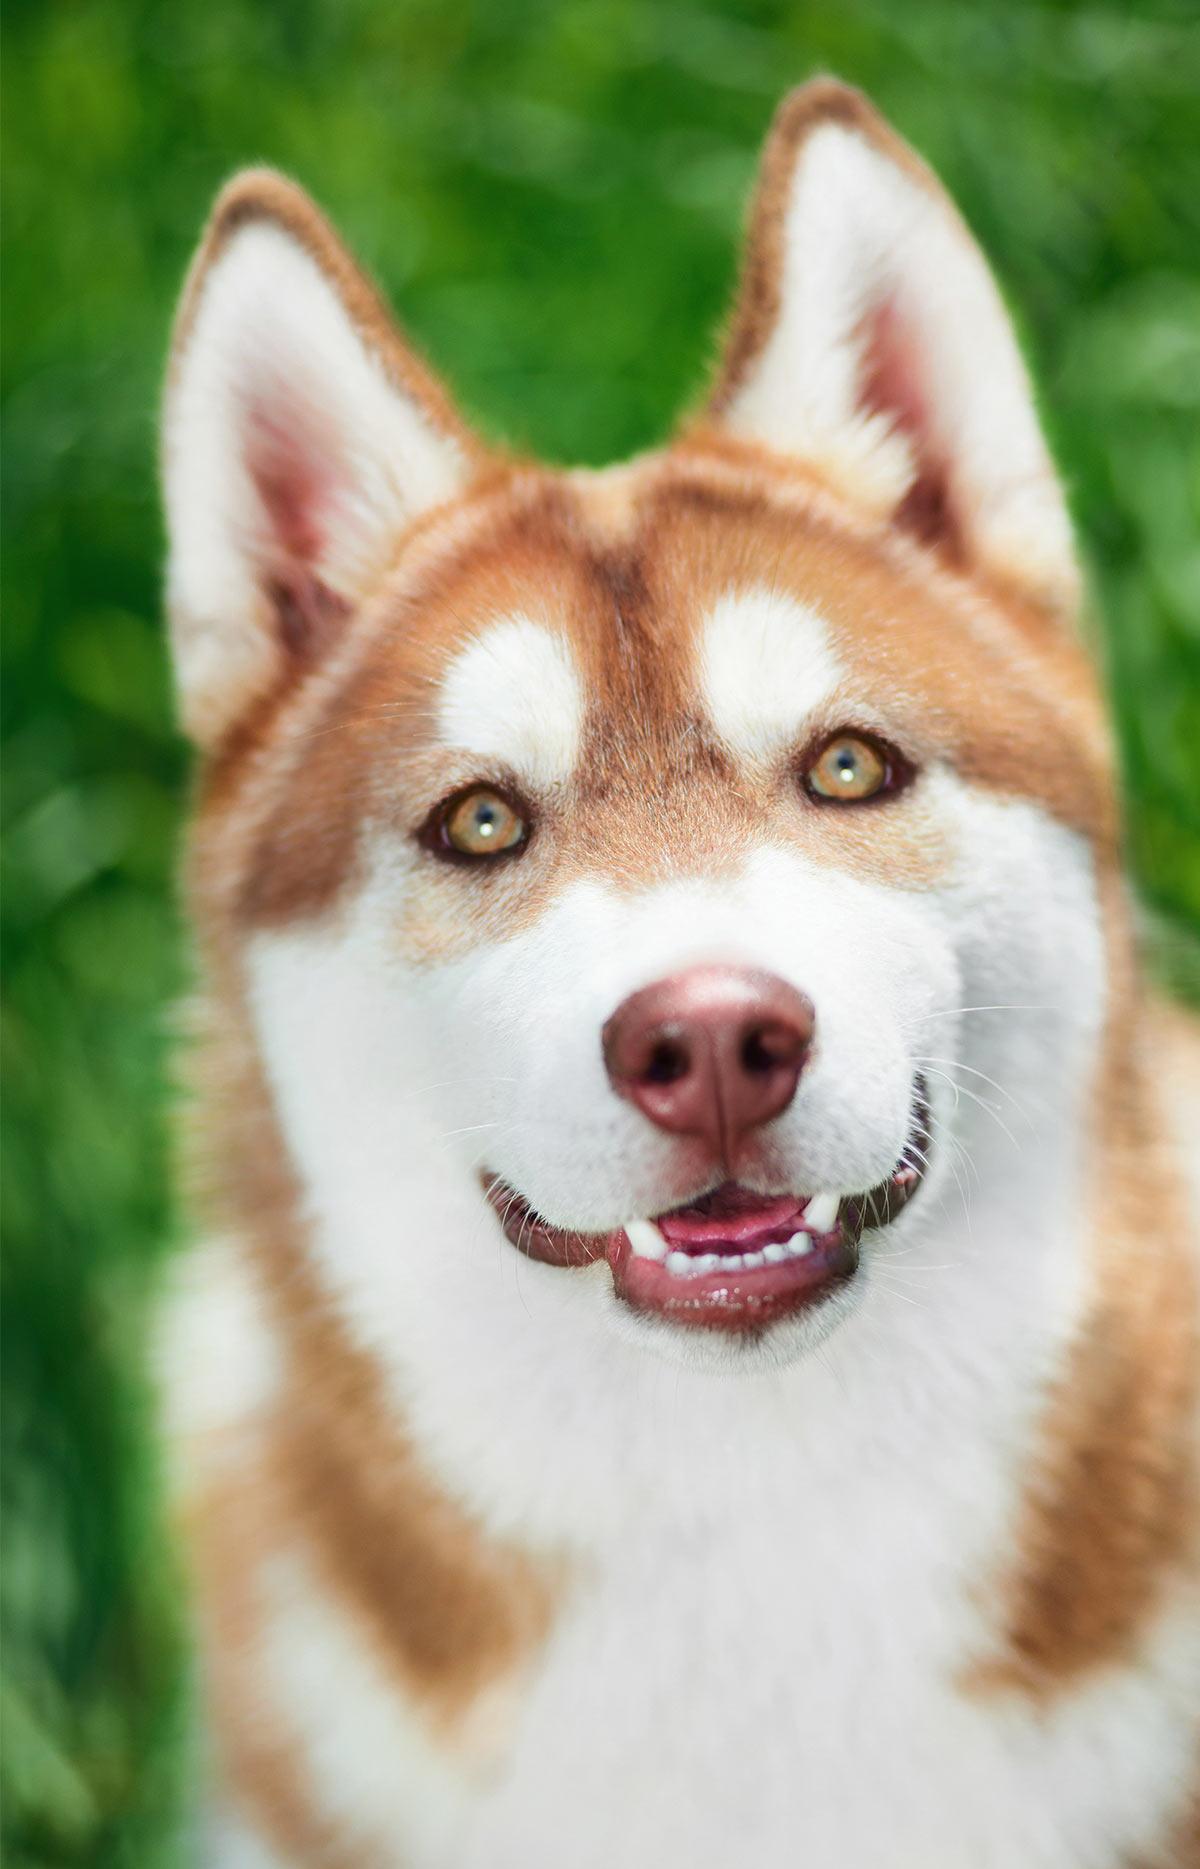 Pictures of Siberian Huskies